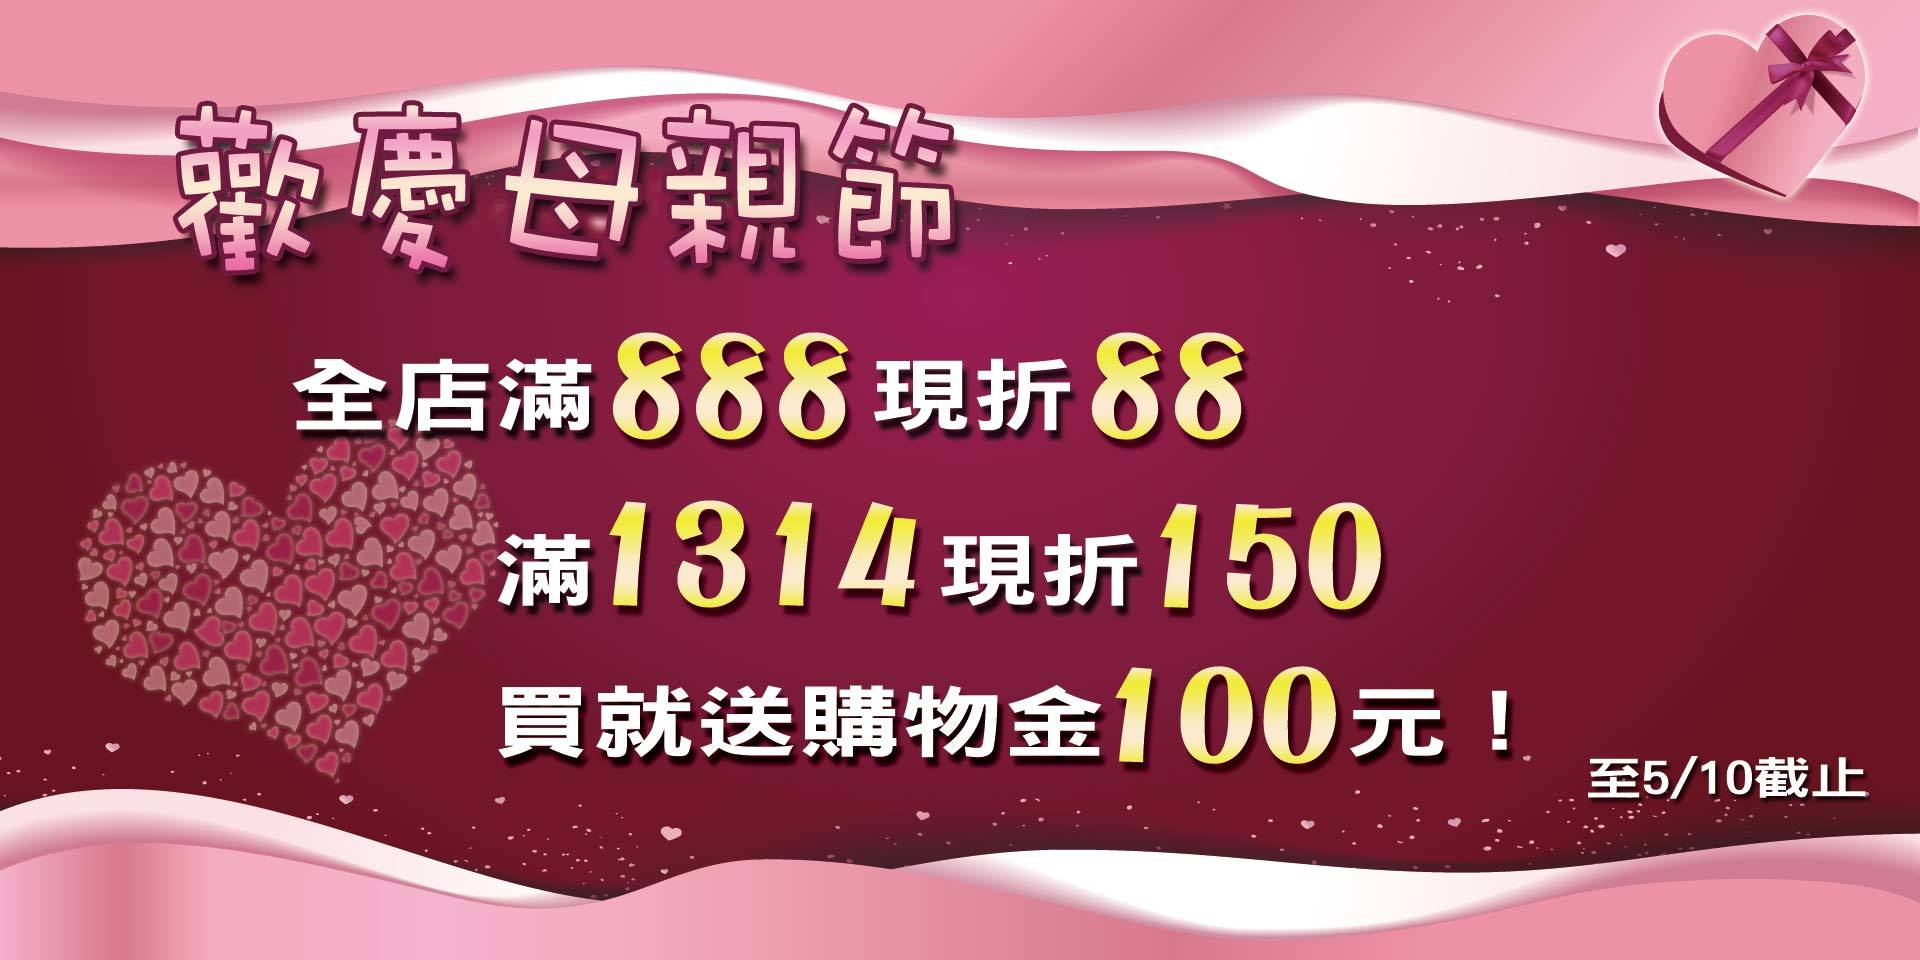 歡慶母親節~滿888現折88、滿1314現折150元!買就送購物金100元!